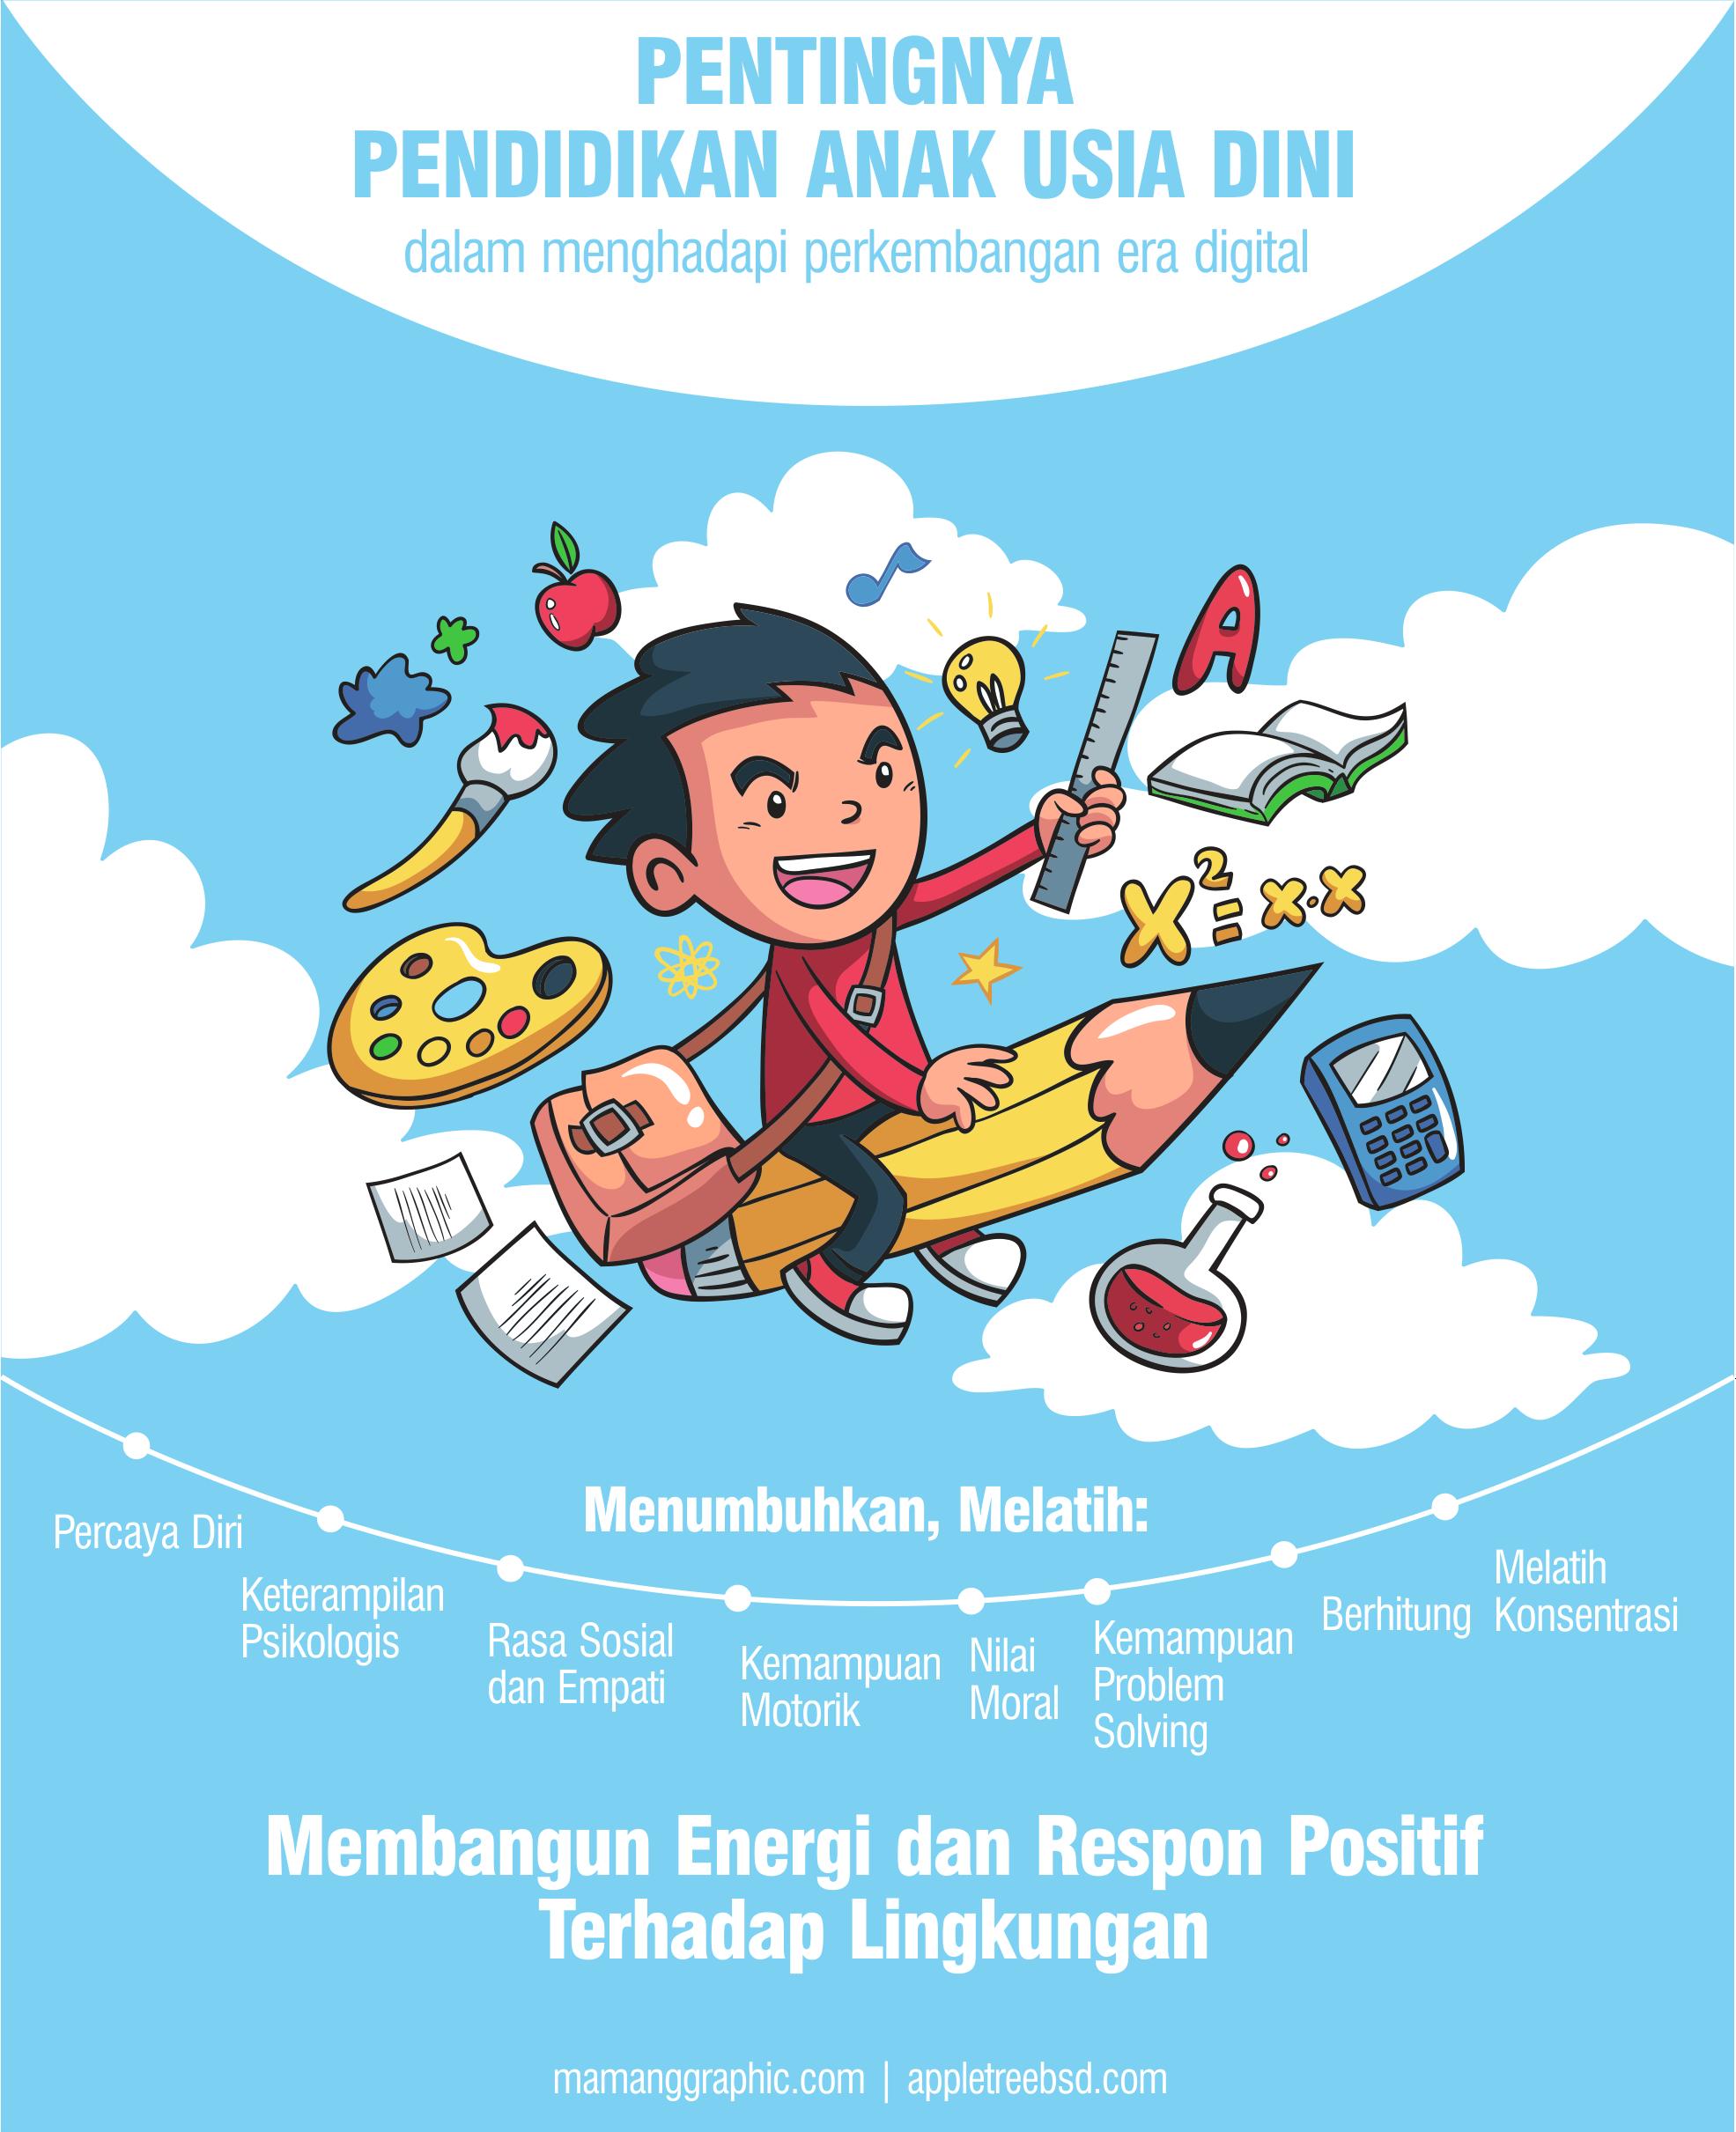 Pentingnya Pendidikan Anak Usia Dini Mamang Graphic